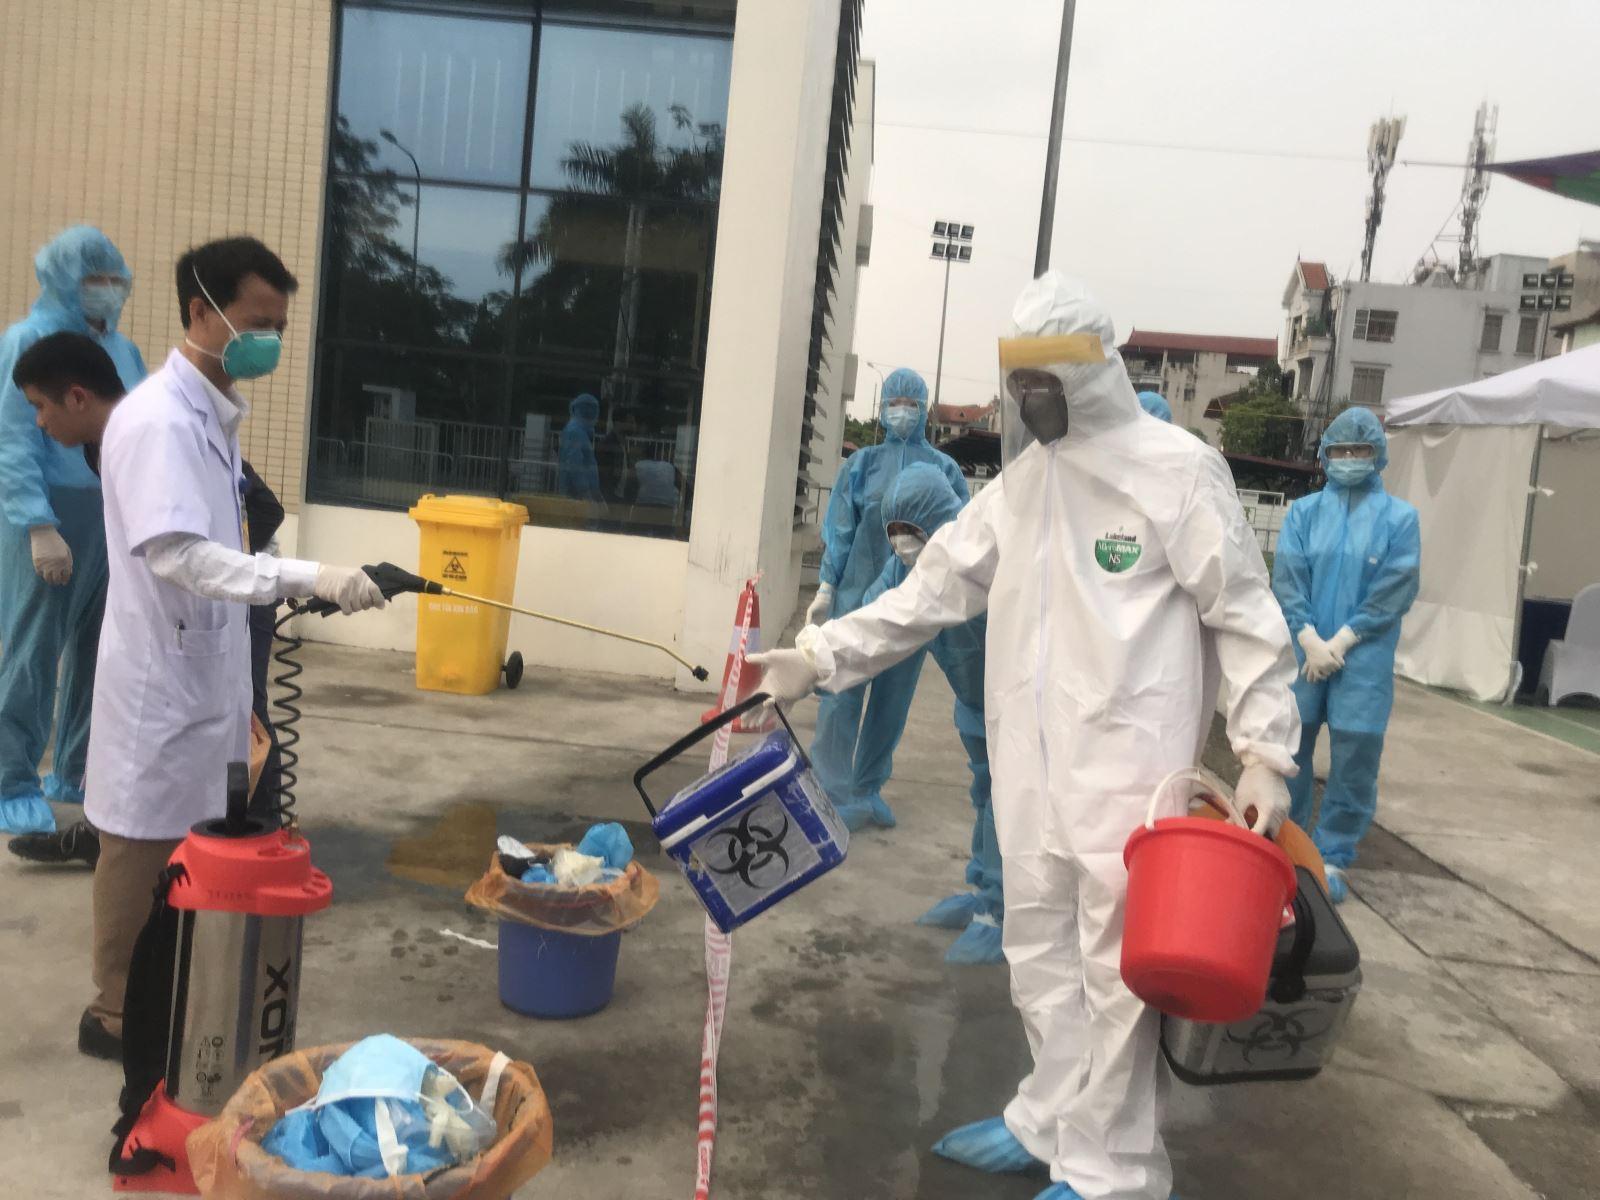 Đội phản ứng nhanh phòng dịch COVID-19: Đã khoác đồ phòng hộ là xác định 'ngứa không gãi, không đi vệ sinh' - Ảnh 6